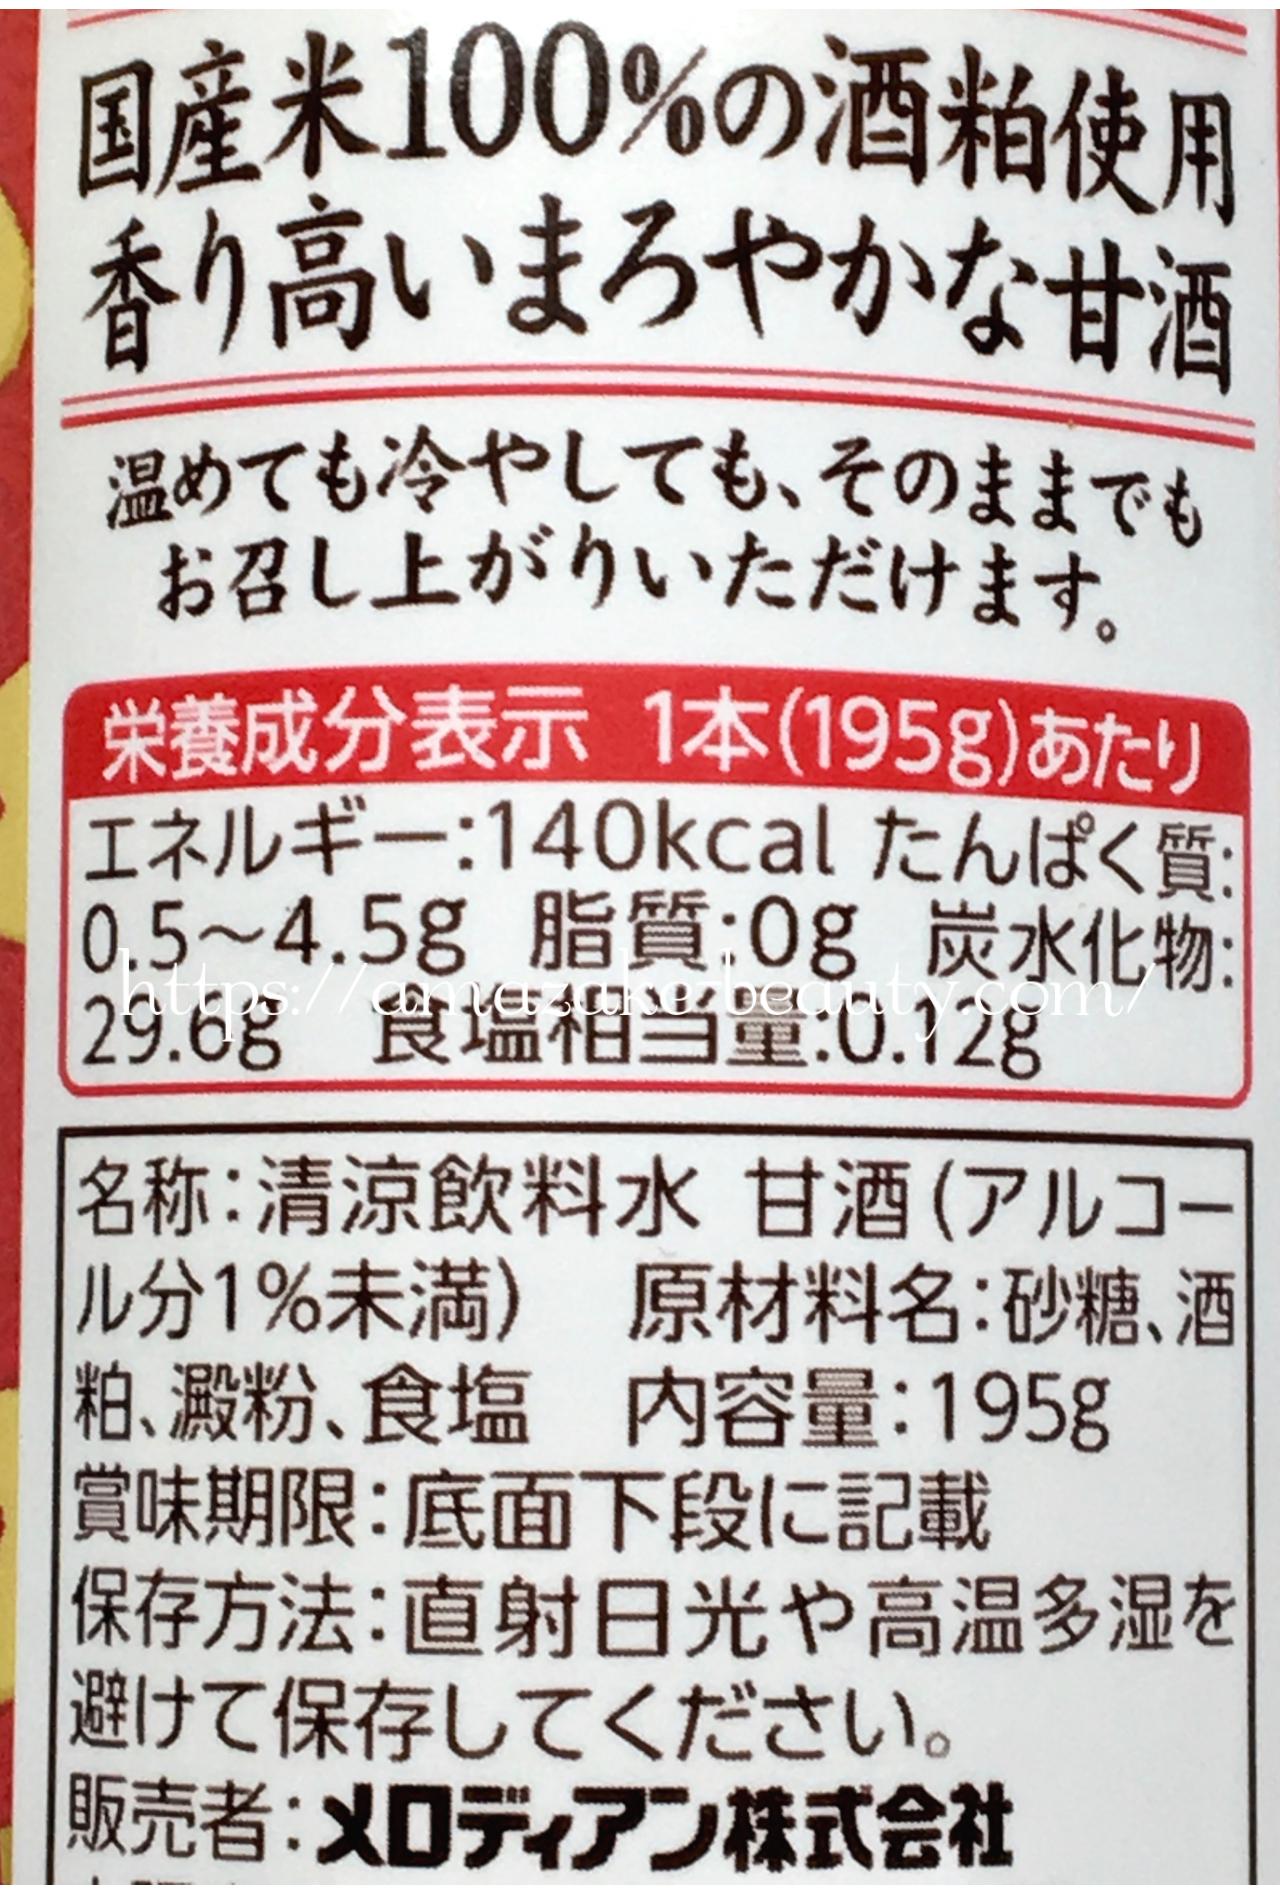 [amazake]merodeian[sakekasu amazake](product description)